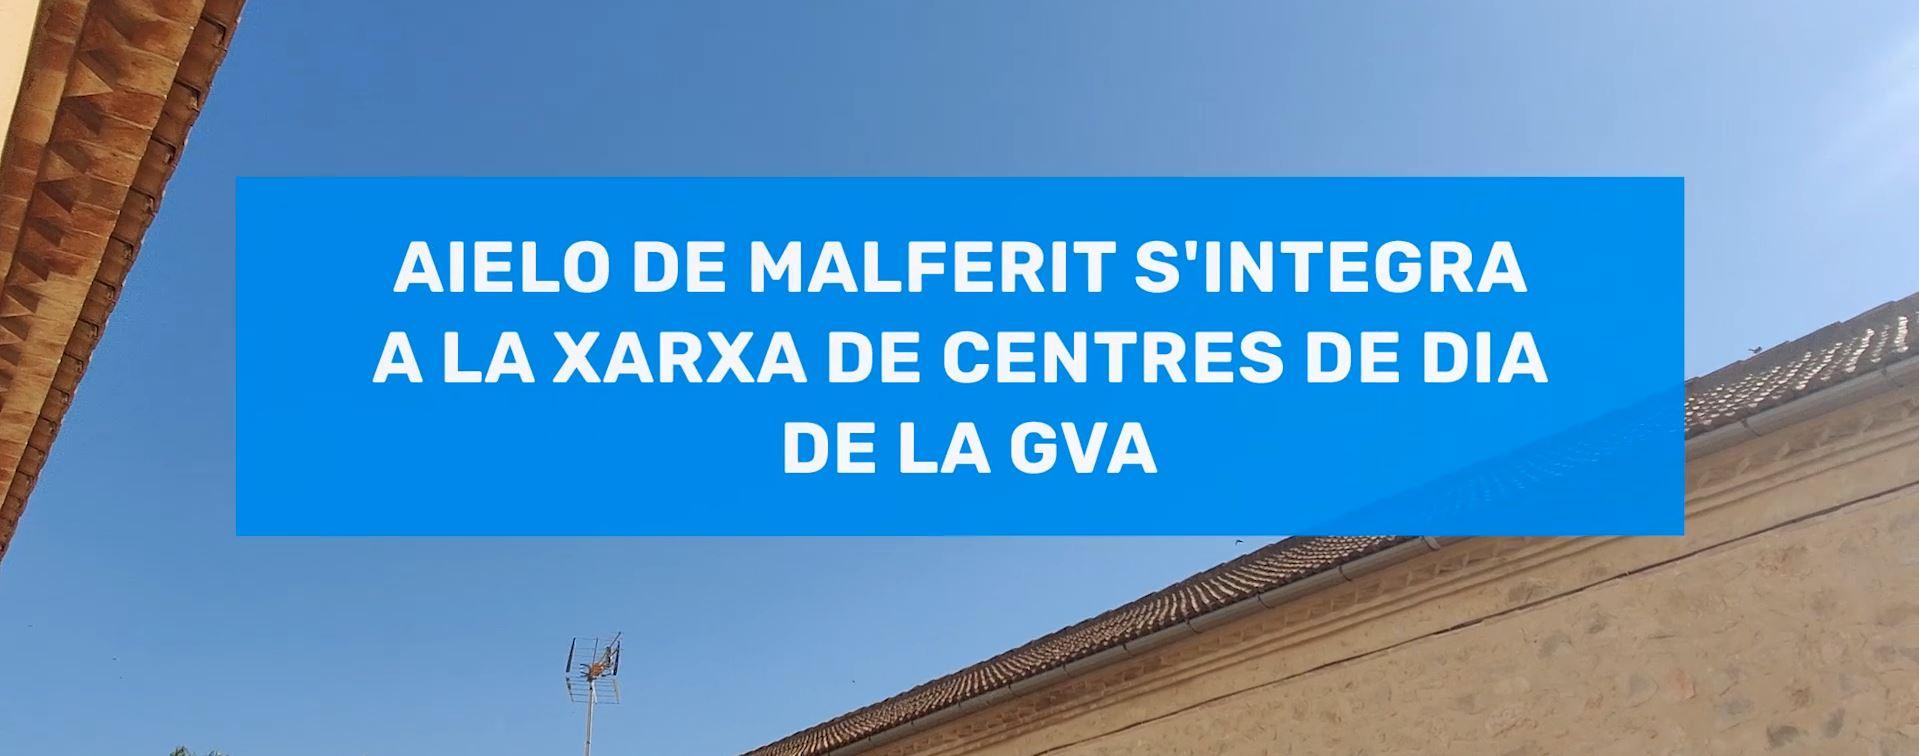 Aielo de Malferit s'integra a la xarxa de Centres de Dia de la GVA